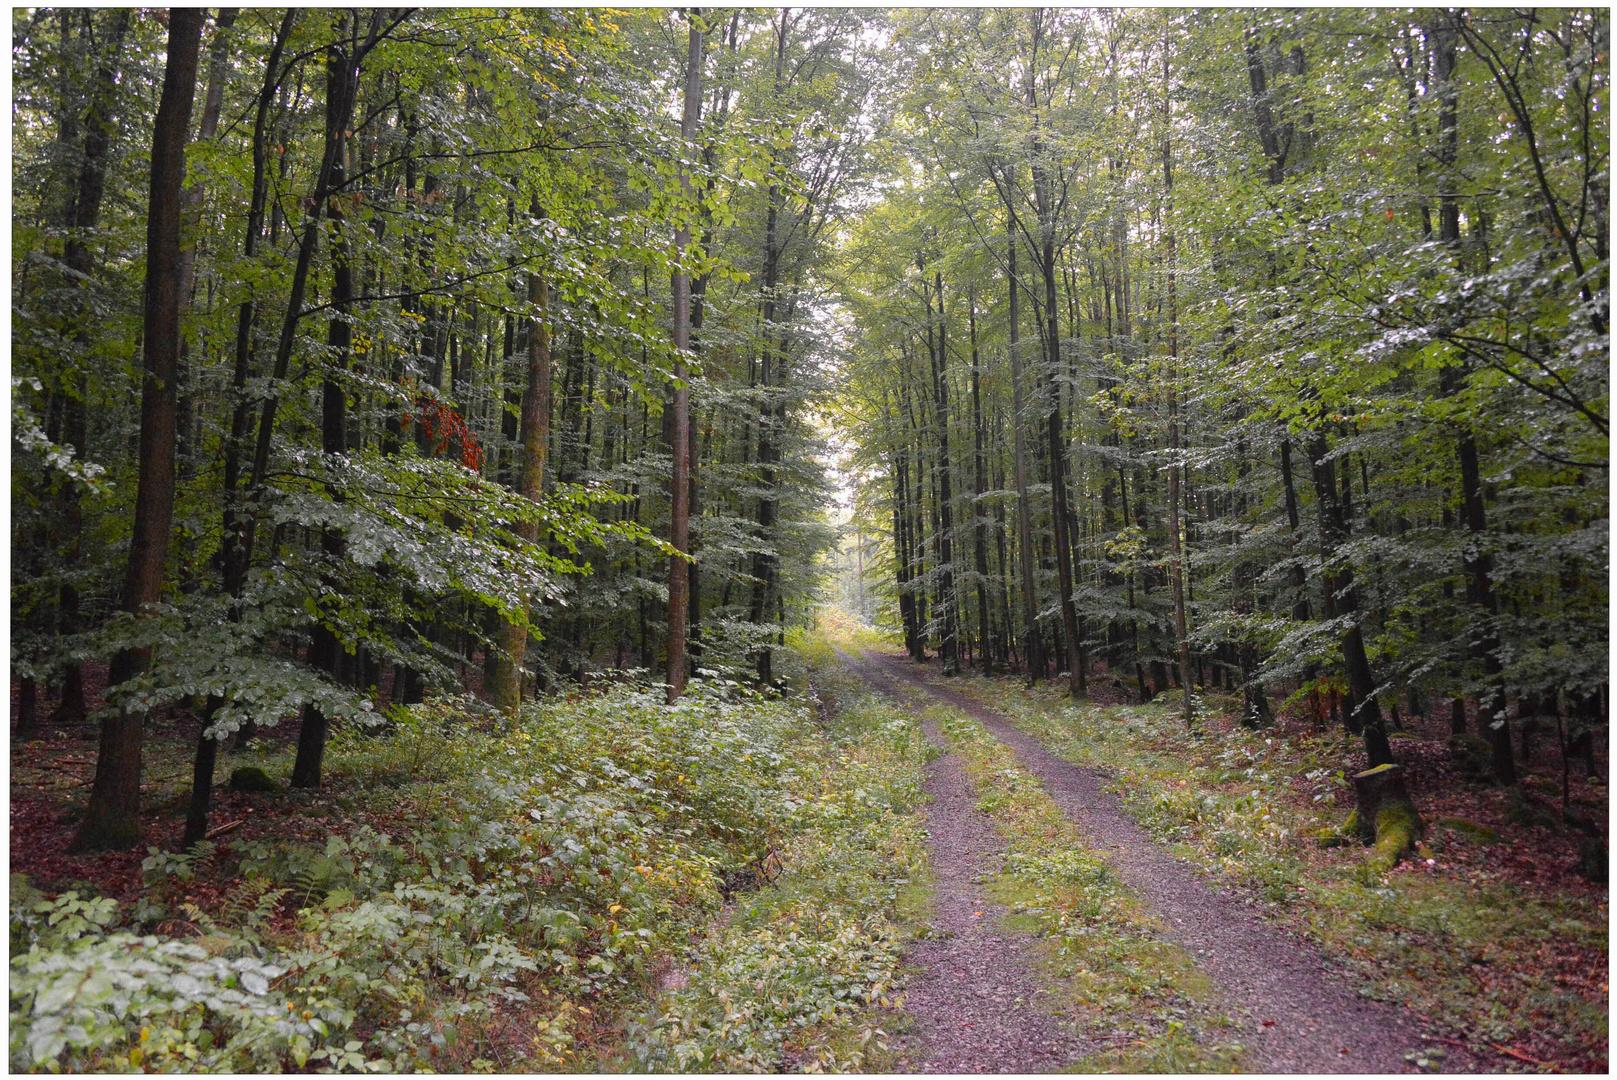 Lluvia En El Bosque Iii Camino Por El Bosque Regen Im Wald Iii